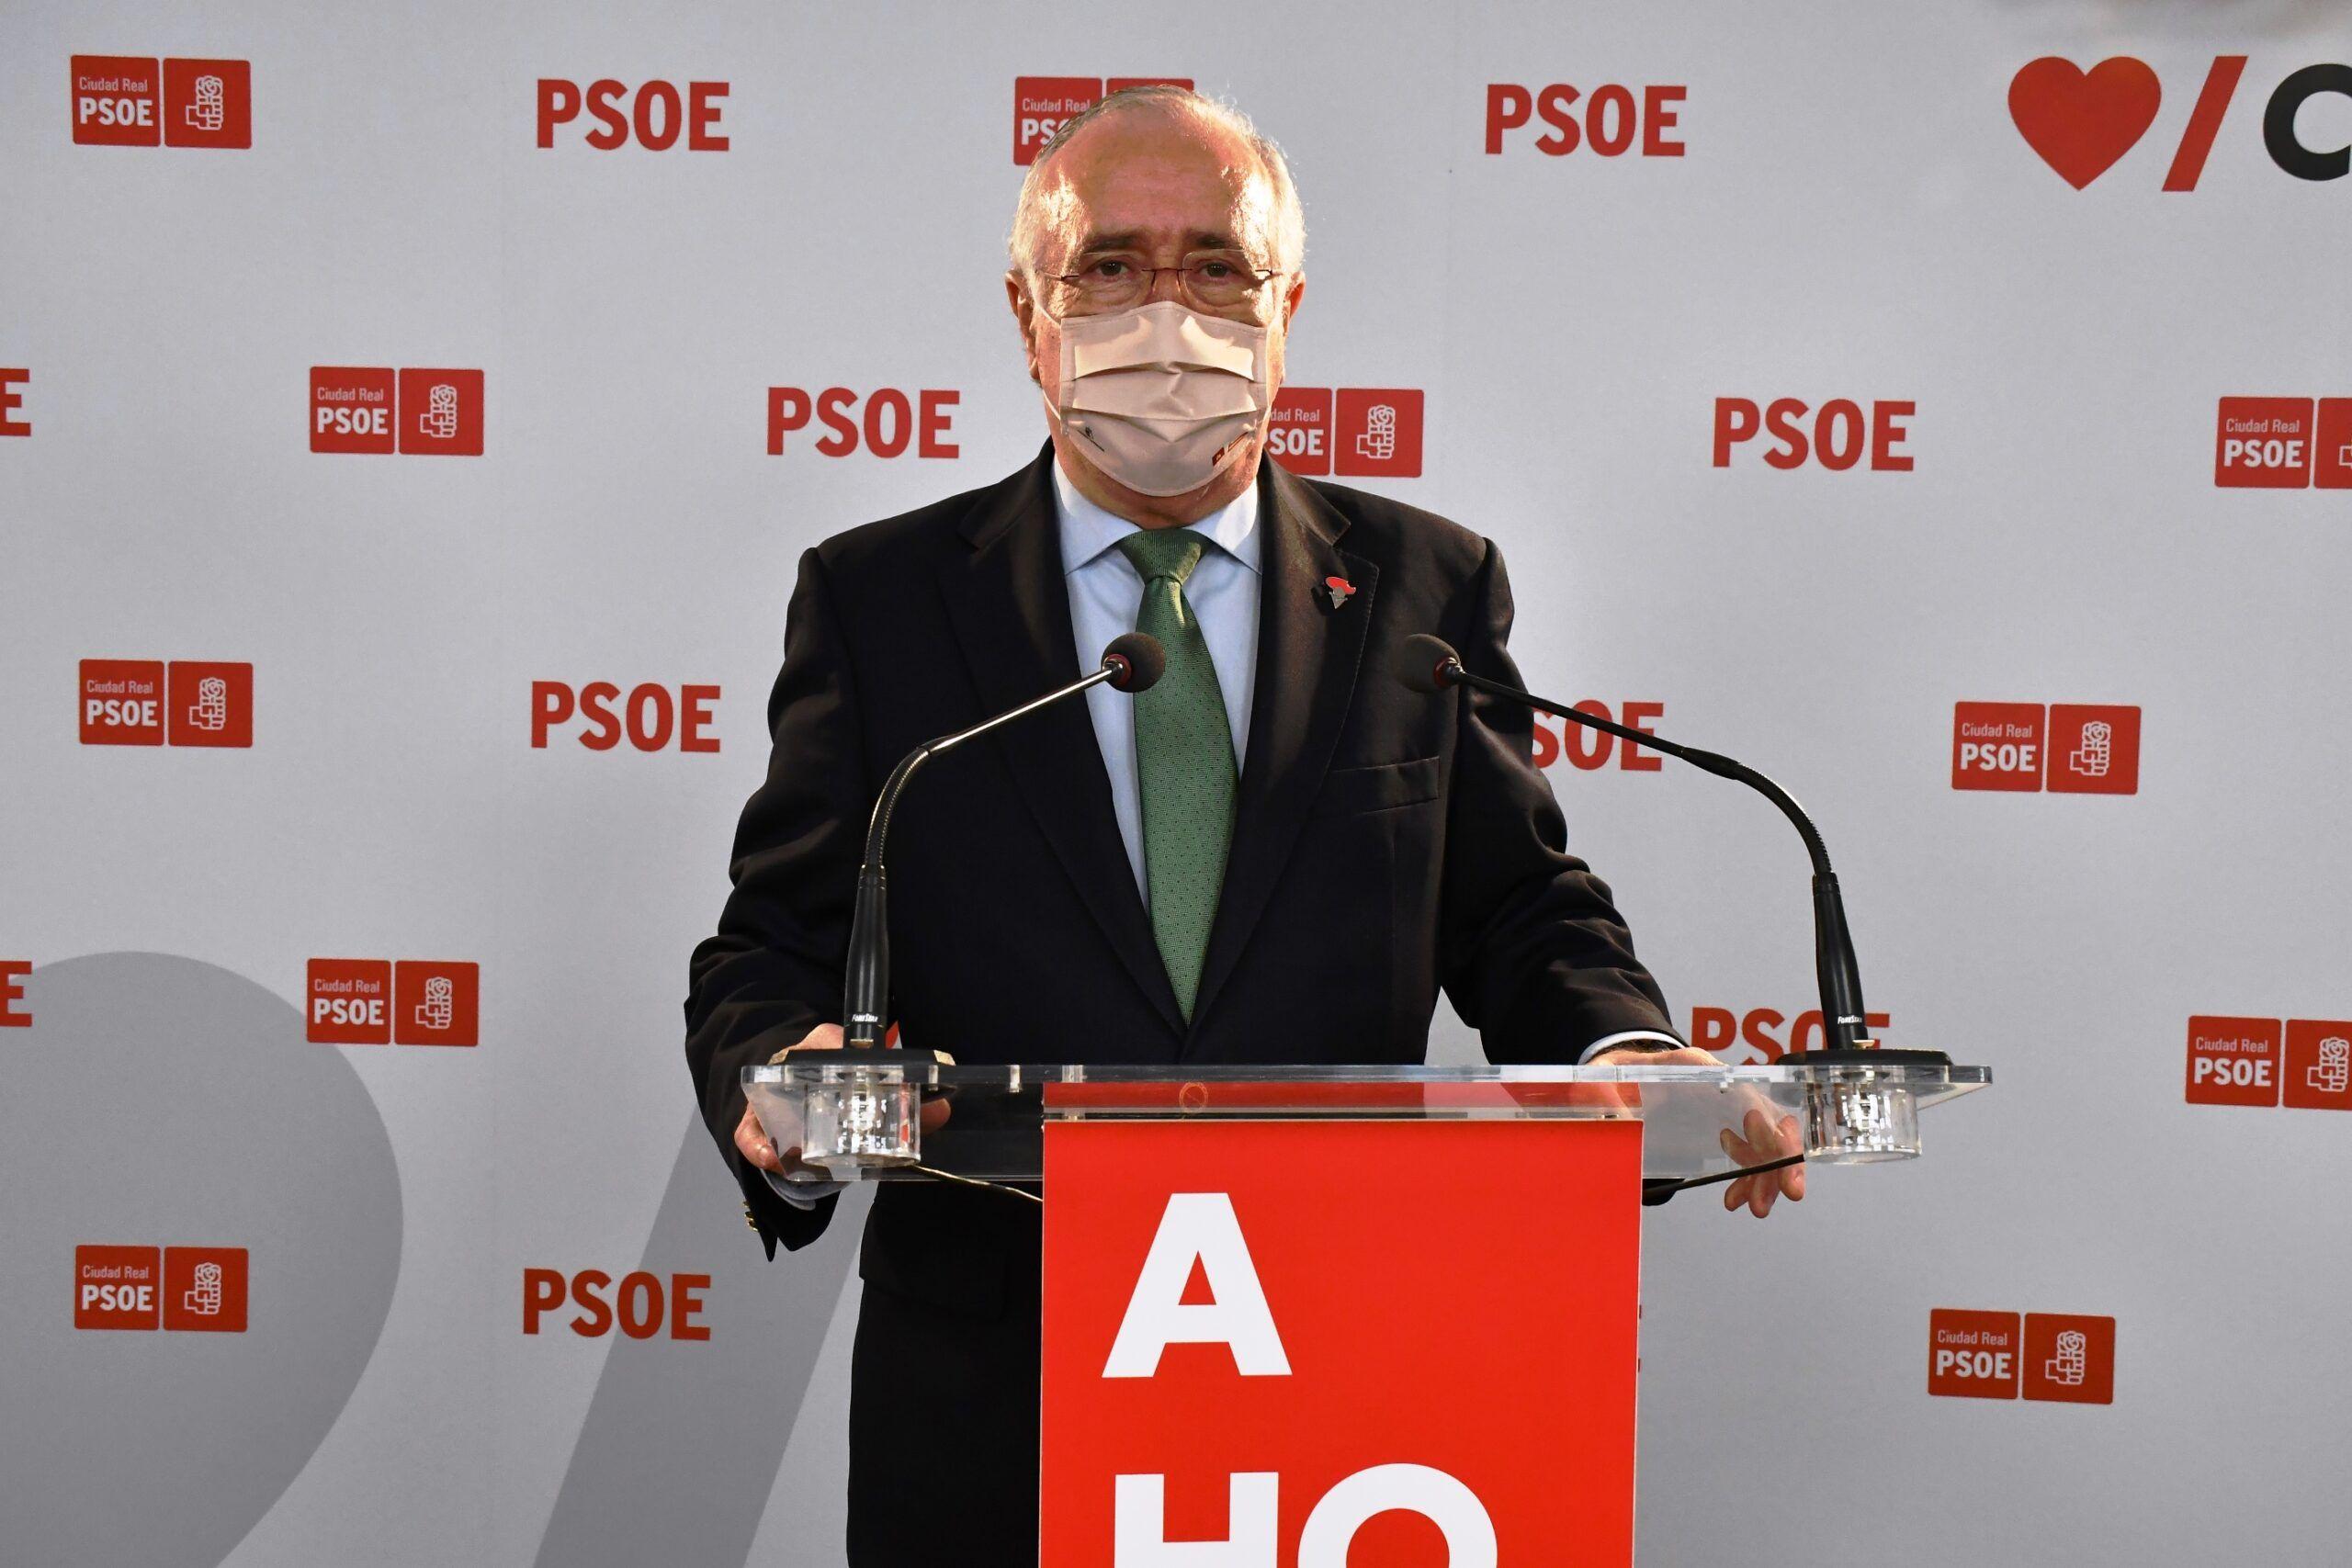 """Francisco Pérez: """"Estamos de enhorabuena porque hoy se ha publicado en el DOCM el Plan de Empleo más ambicioso de la historia de Castilla-La Mancha"""""""